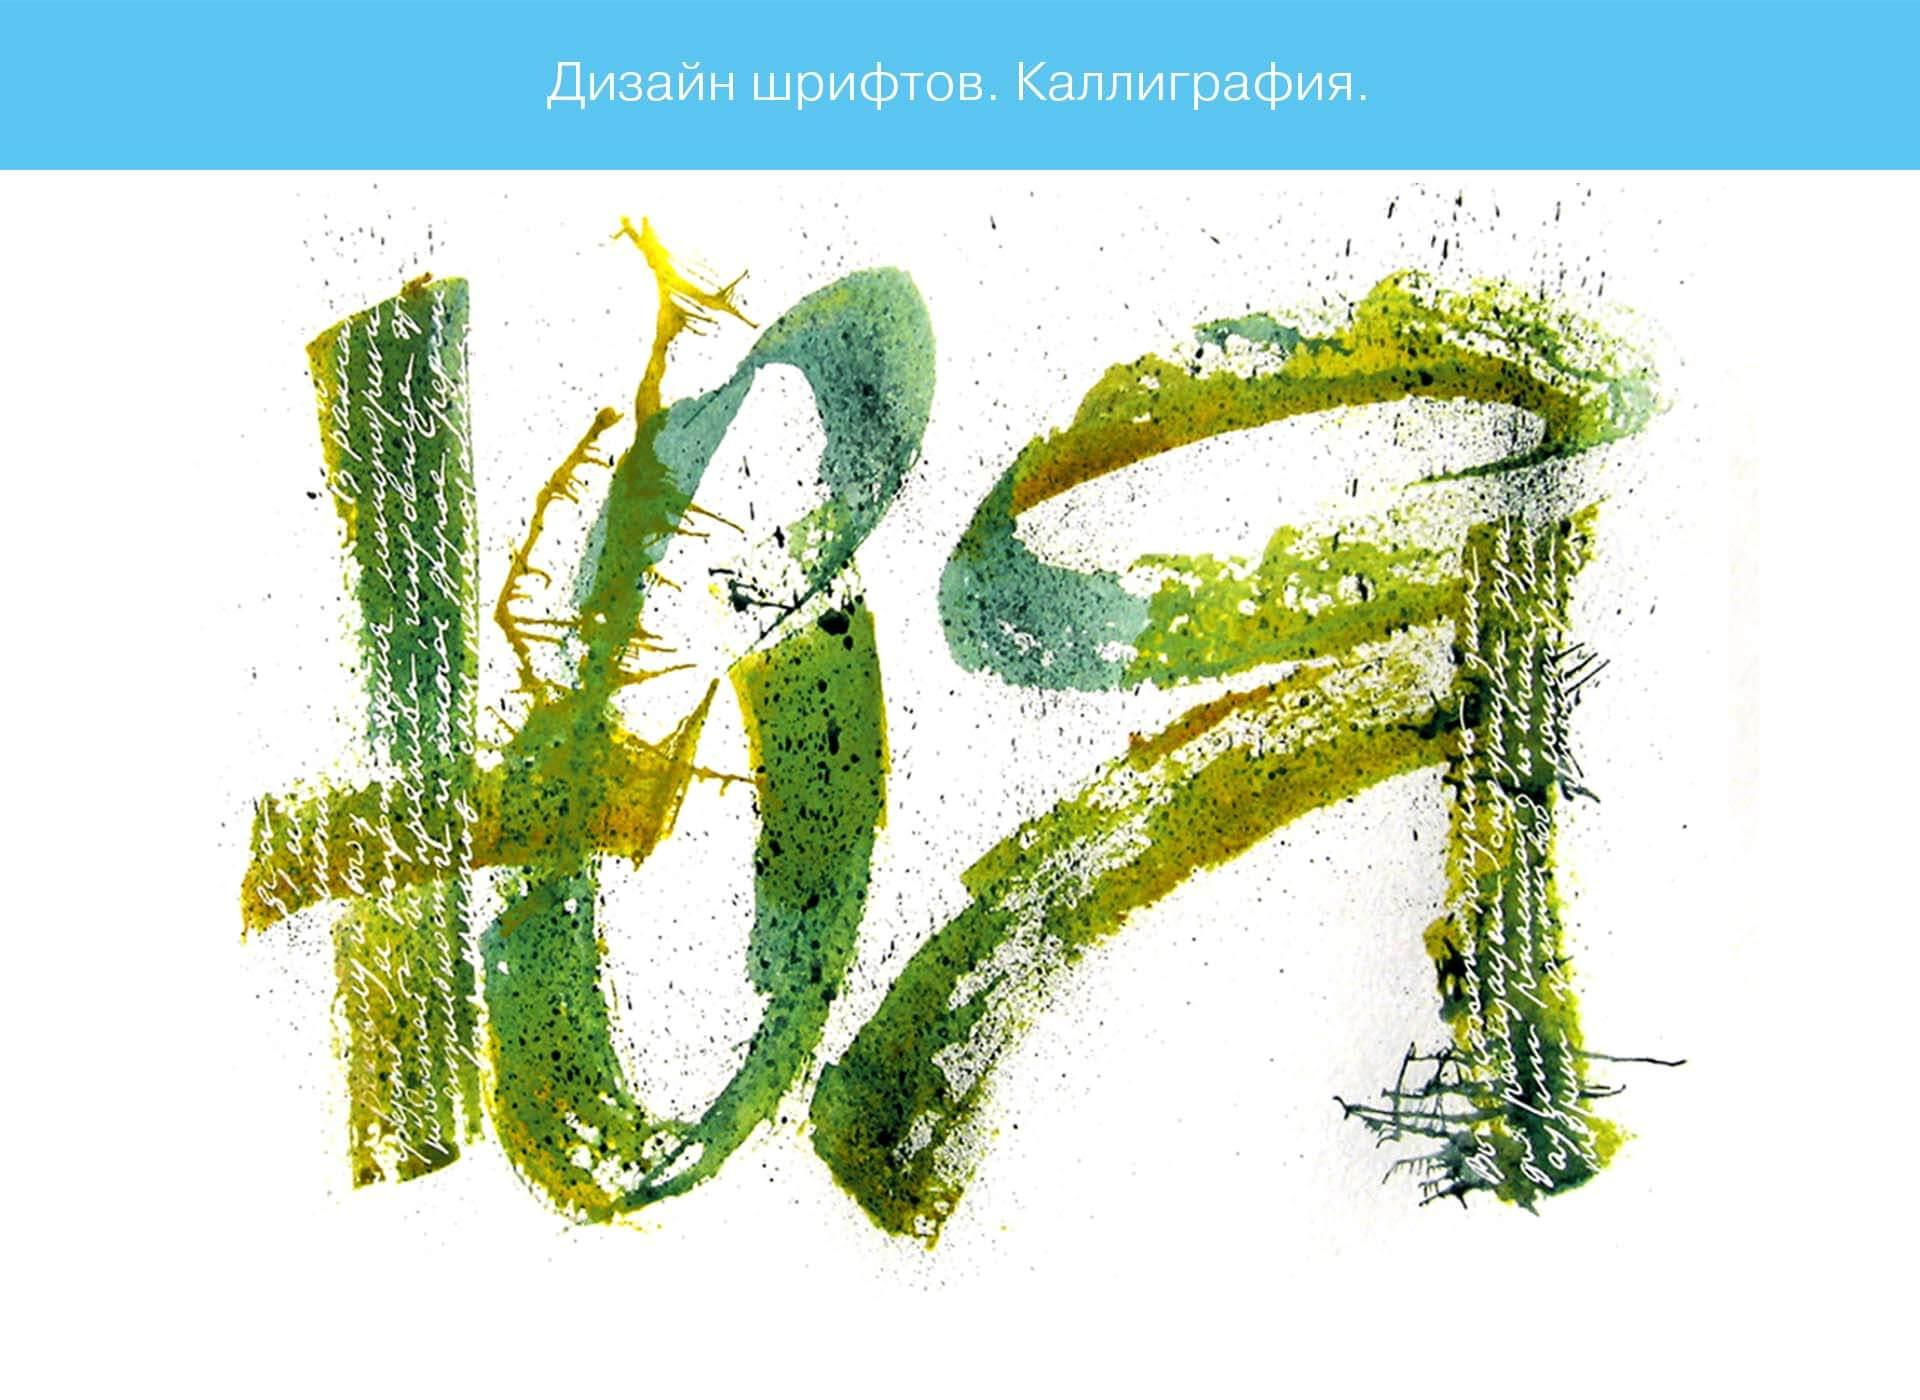 prokochuk_irina_font-design_calligraphy_6